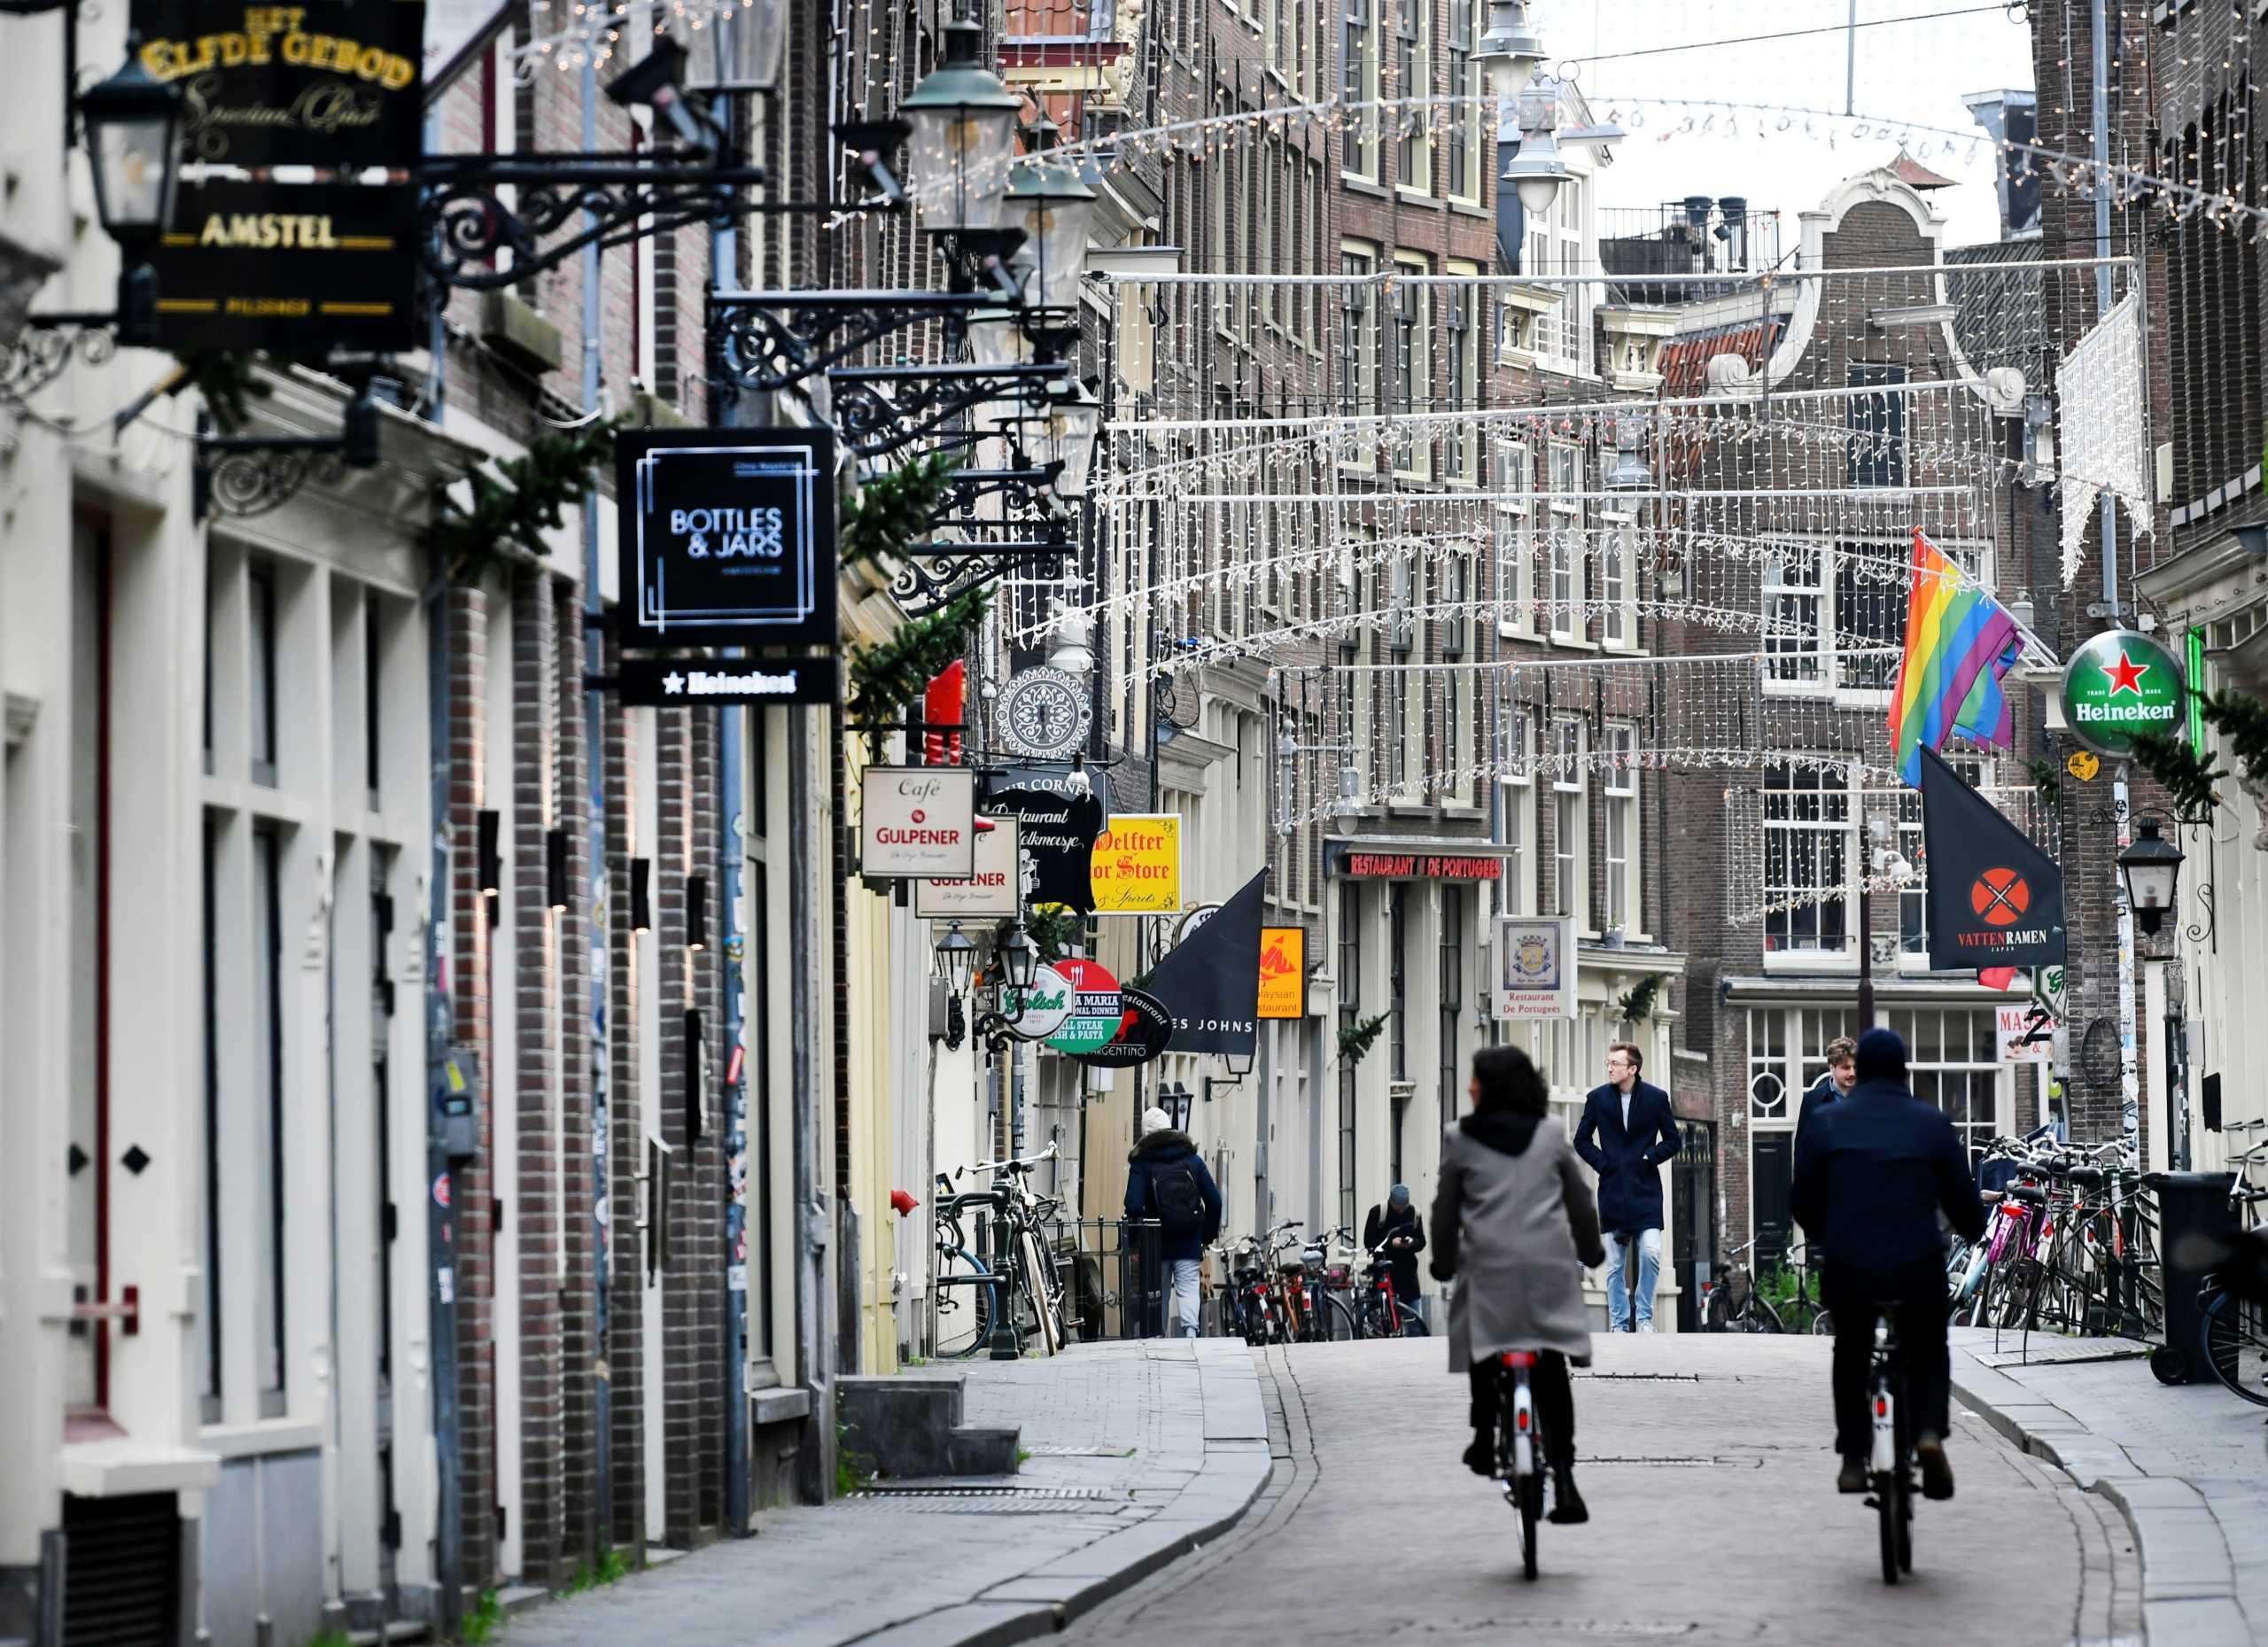 Ολλανδία – Κορονοϊός: Εξετάζεται νυχτερινή απαγόρευση κυκλοφορίας για πρώτη φορά μετά τον Β' Παγκόσμιο Πόλεμο